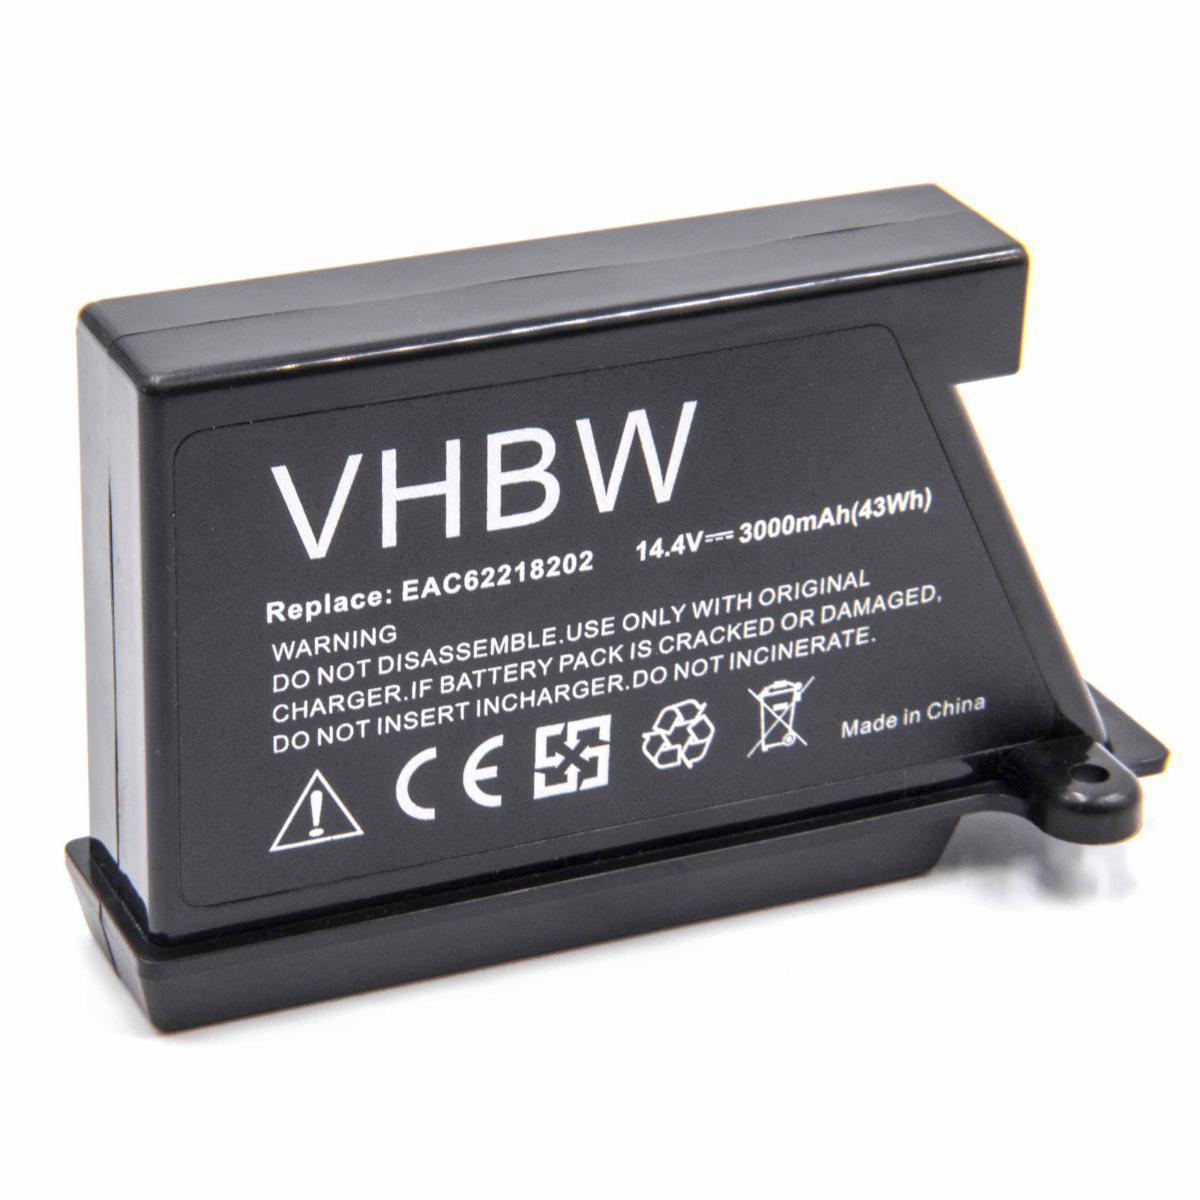 Vhbw vhbw Batterie compatible avec LG HOM-BOT VR6180VMNC, VR6270LV, VR63409LV, VR6340LV robot électroménager (3000mAh, 14,4V,